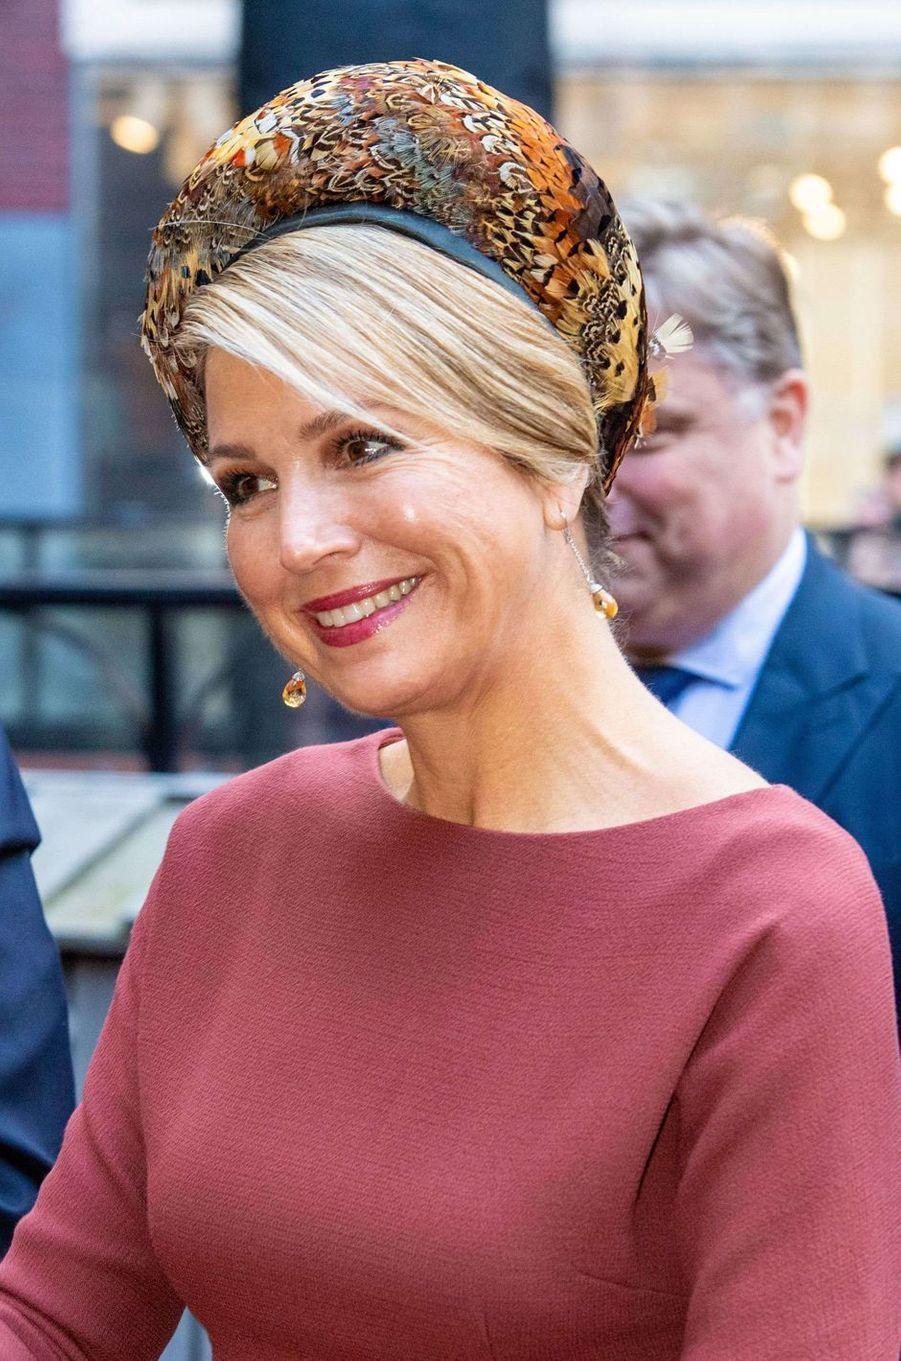 La reine Maxima des Pays-Bas, le 18 février 2020 à Amsterdam